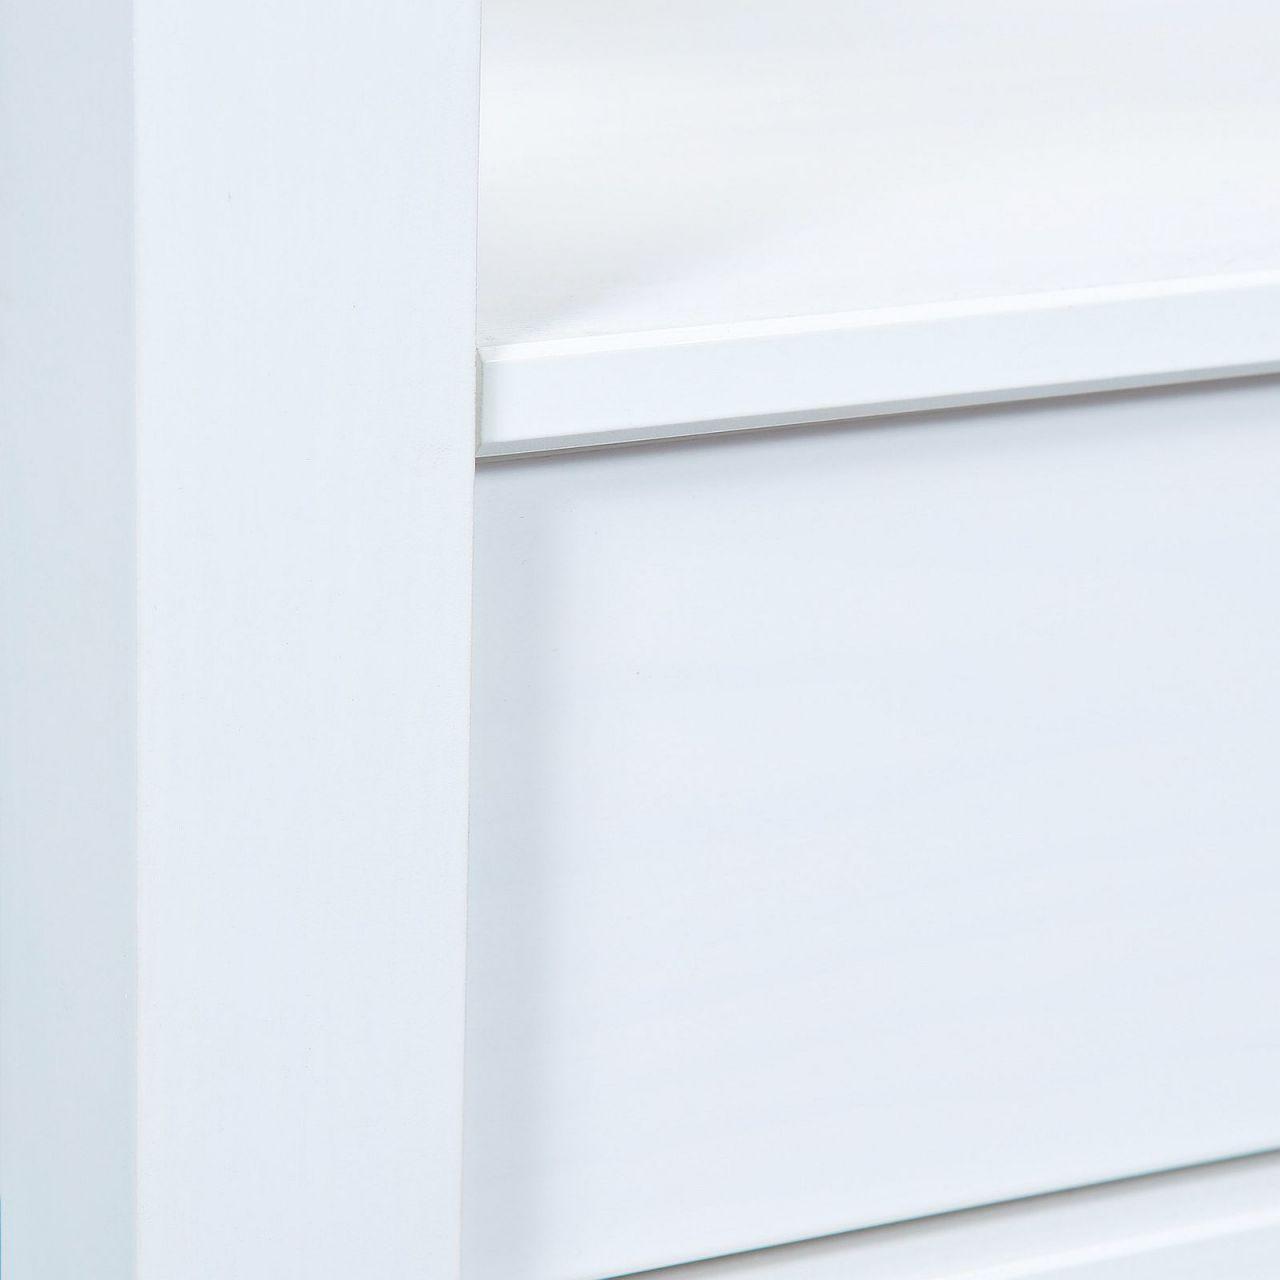 couchtisch glasplatte ablage 2 schubladen landhausstil. Black Bedroom Furniture Sets. Home Design Ideas